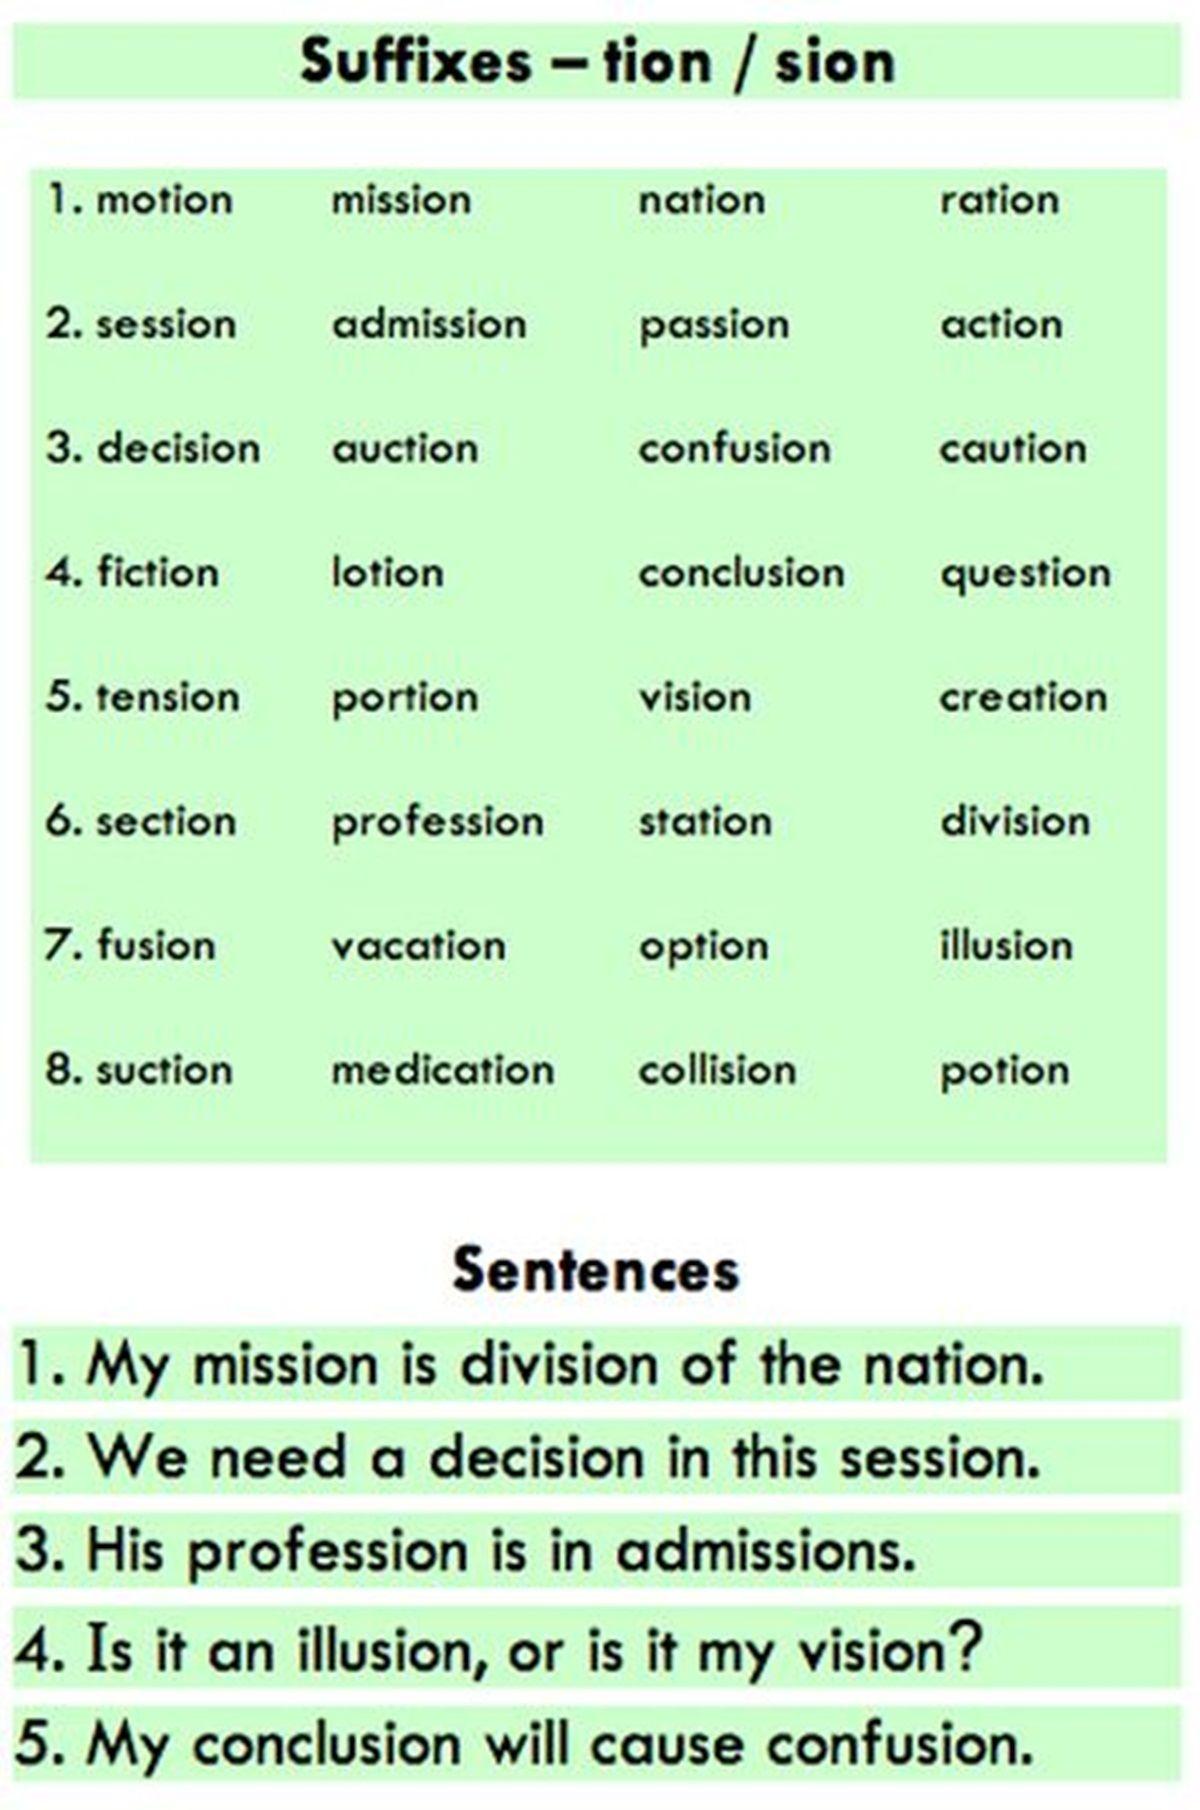 Suffixes In English Learn English Grammar Word Study Learn English [ 1810 x 1200 Pixel ]